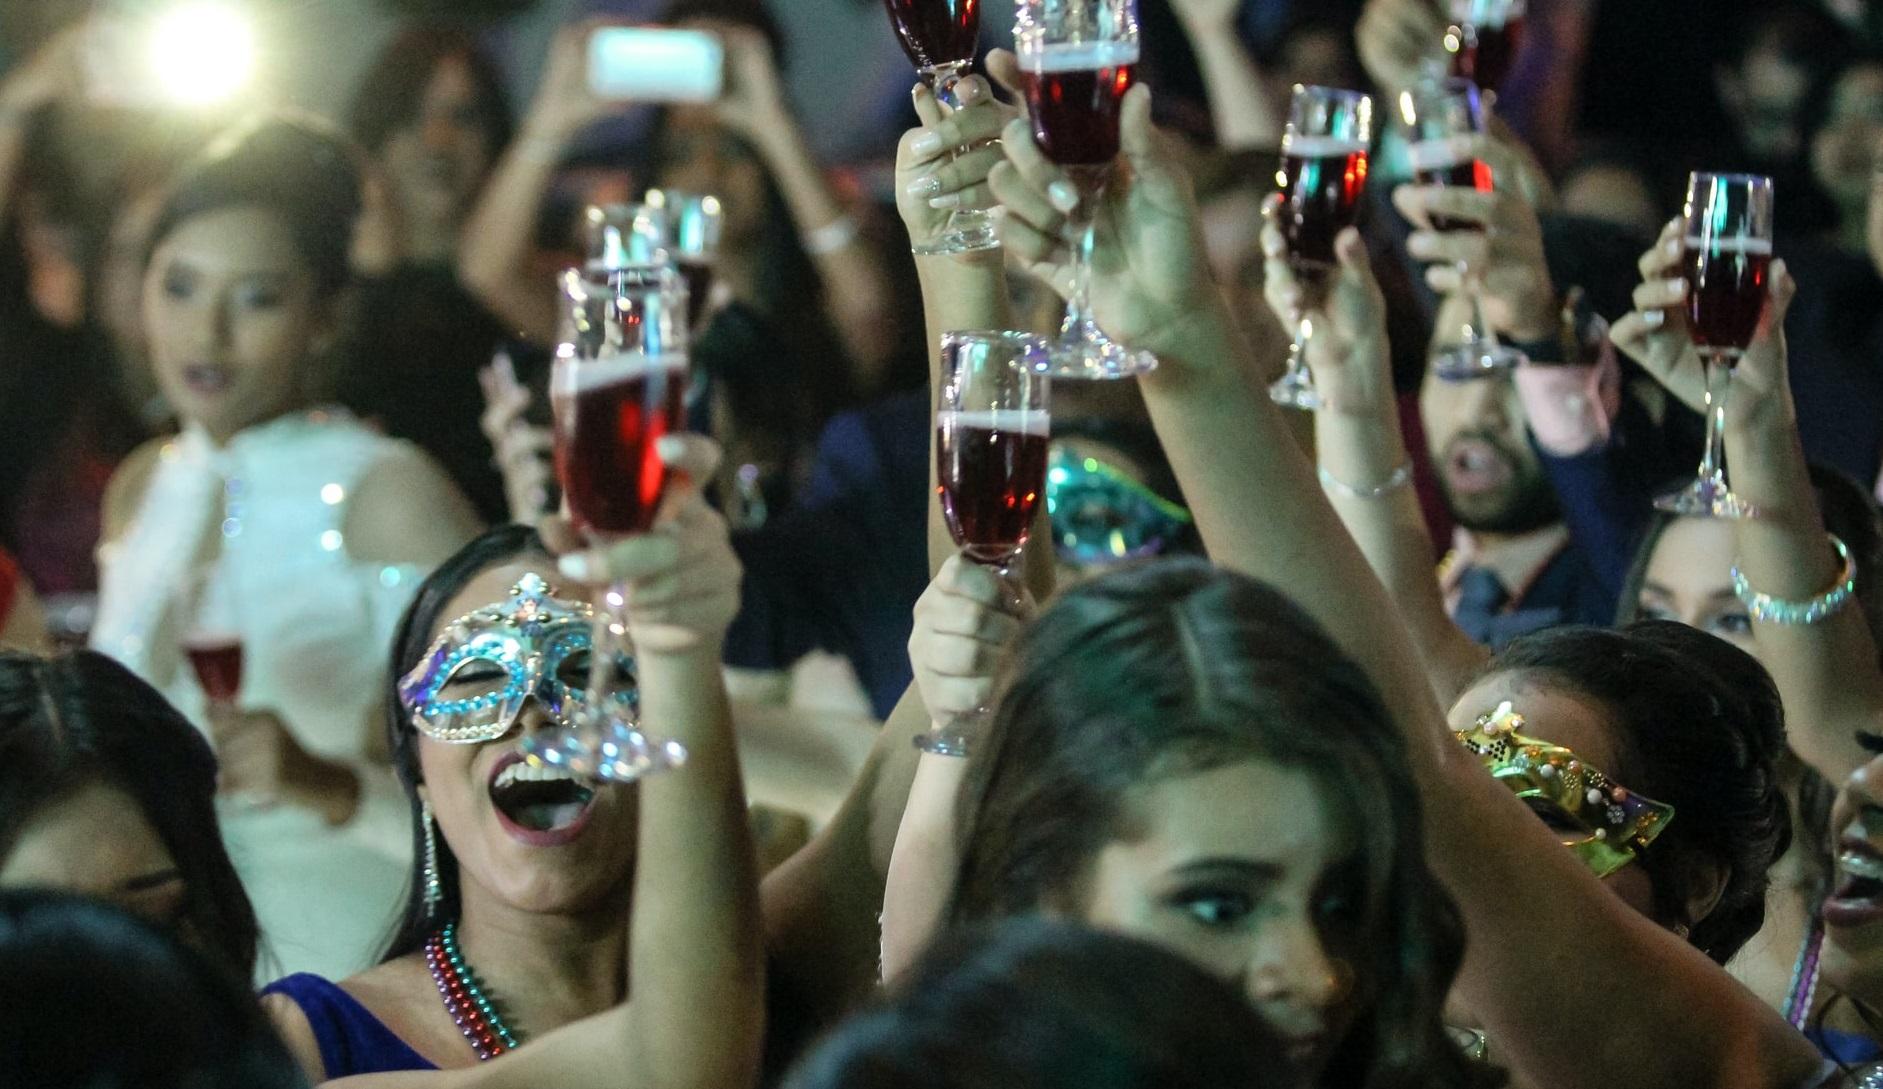 De neuitat| 10.000 de euro amendă pentru o petrecere la domiciliu, cu 50 de participanți